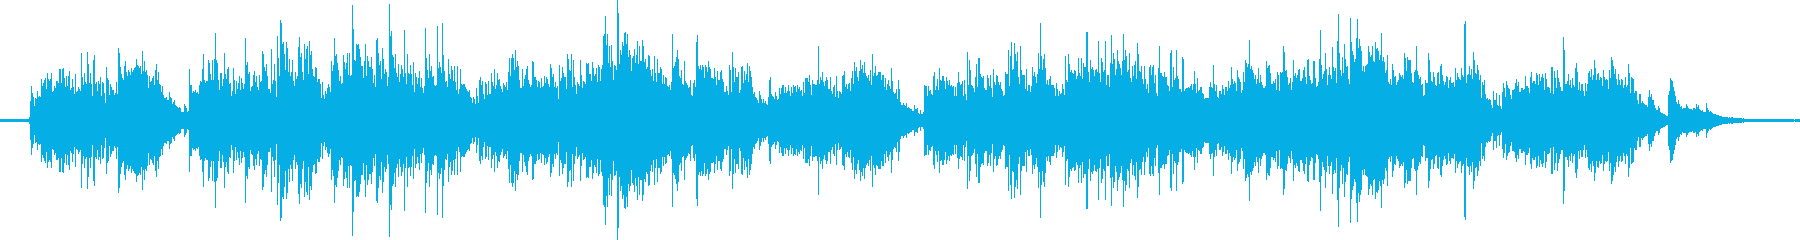 ガットギターとチャランゴによるバラードの再生済みの波形